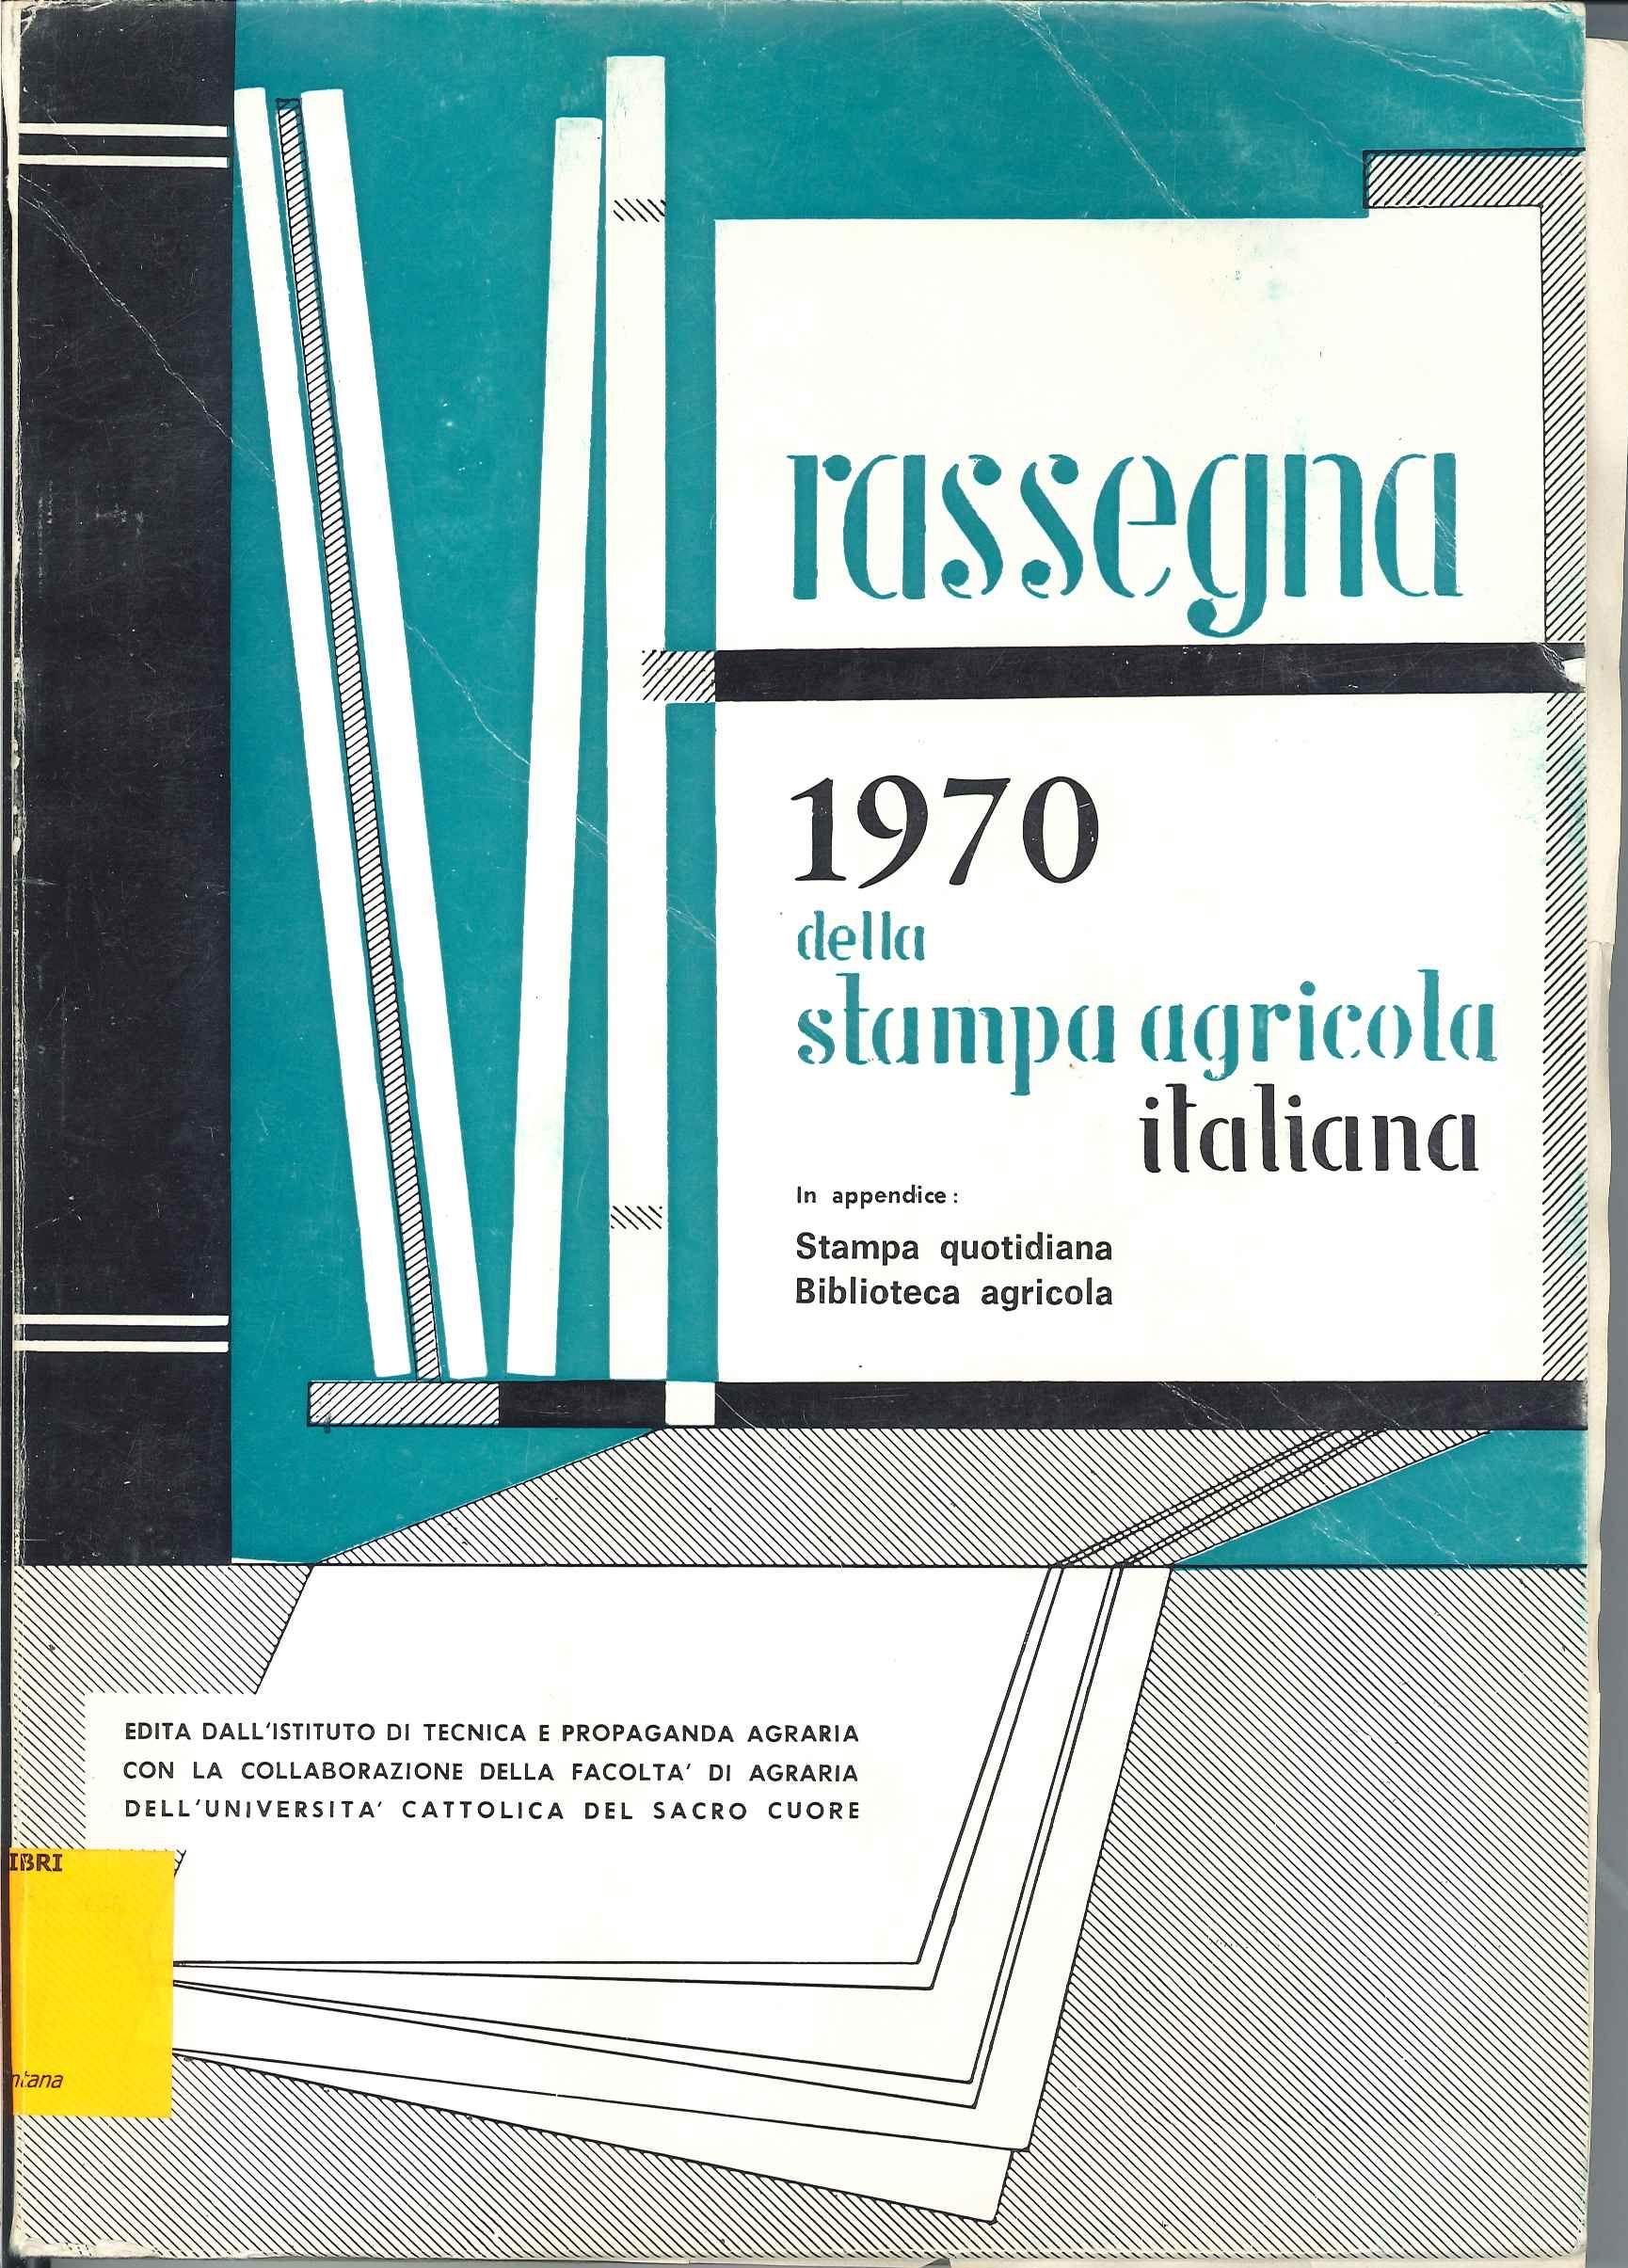 Rassegna 1970 della stampa agricola italiana